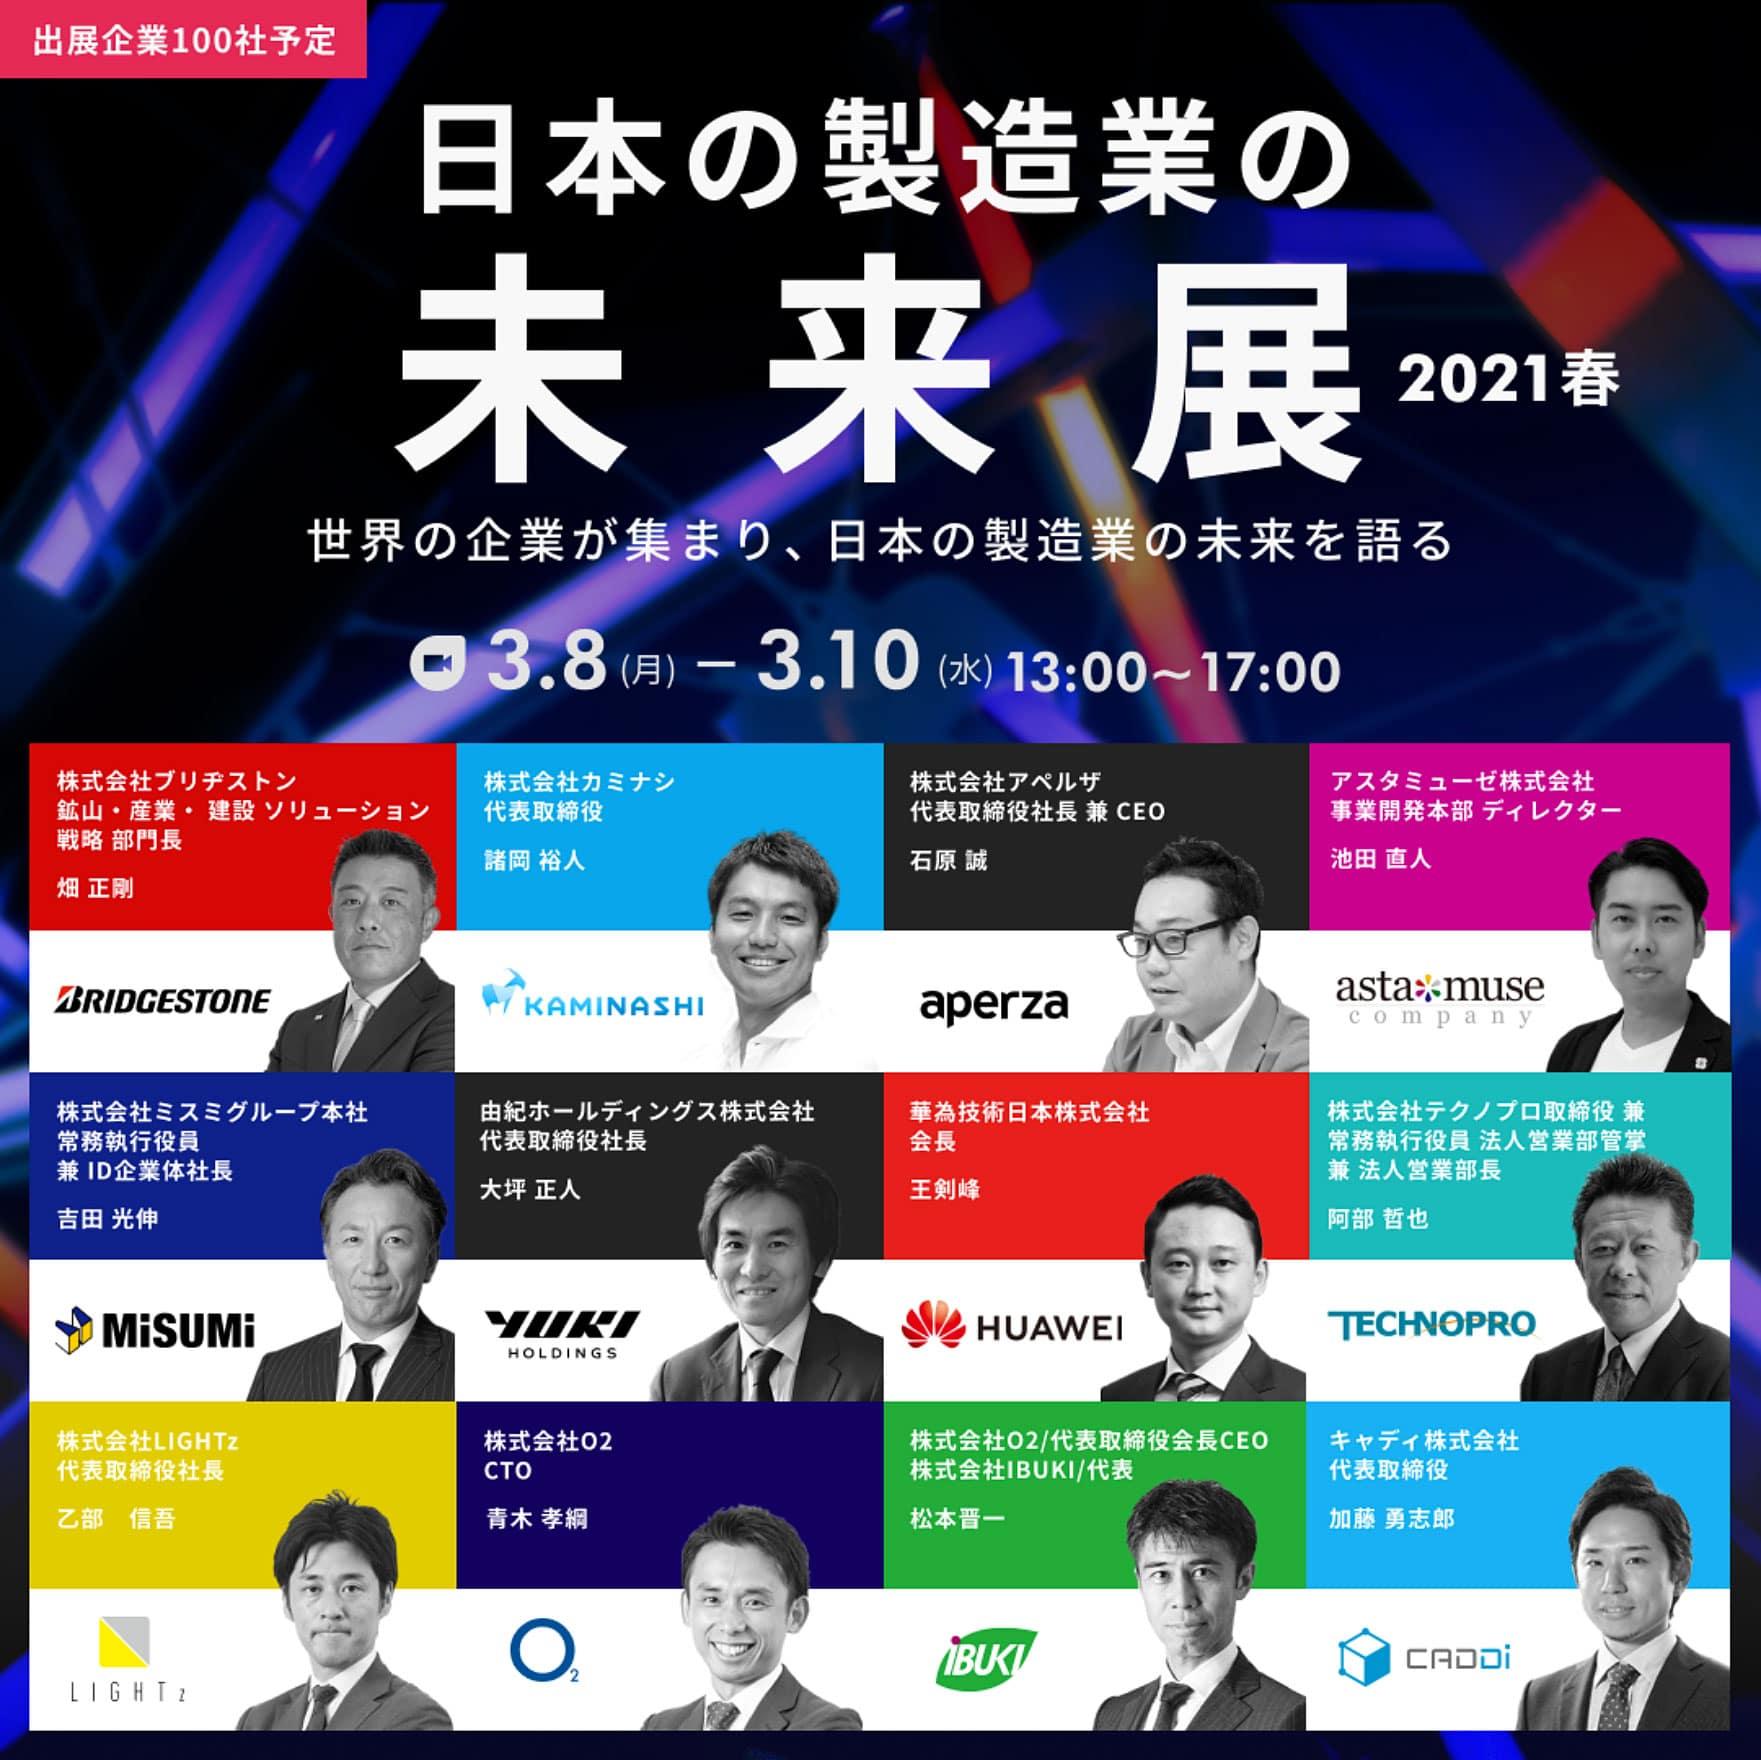 日本の製造業の未来展2021春